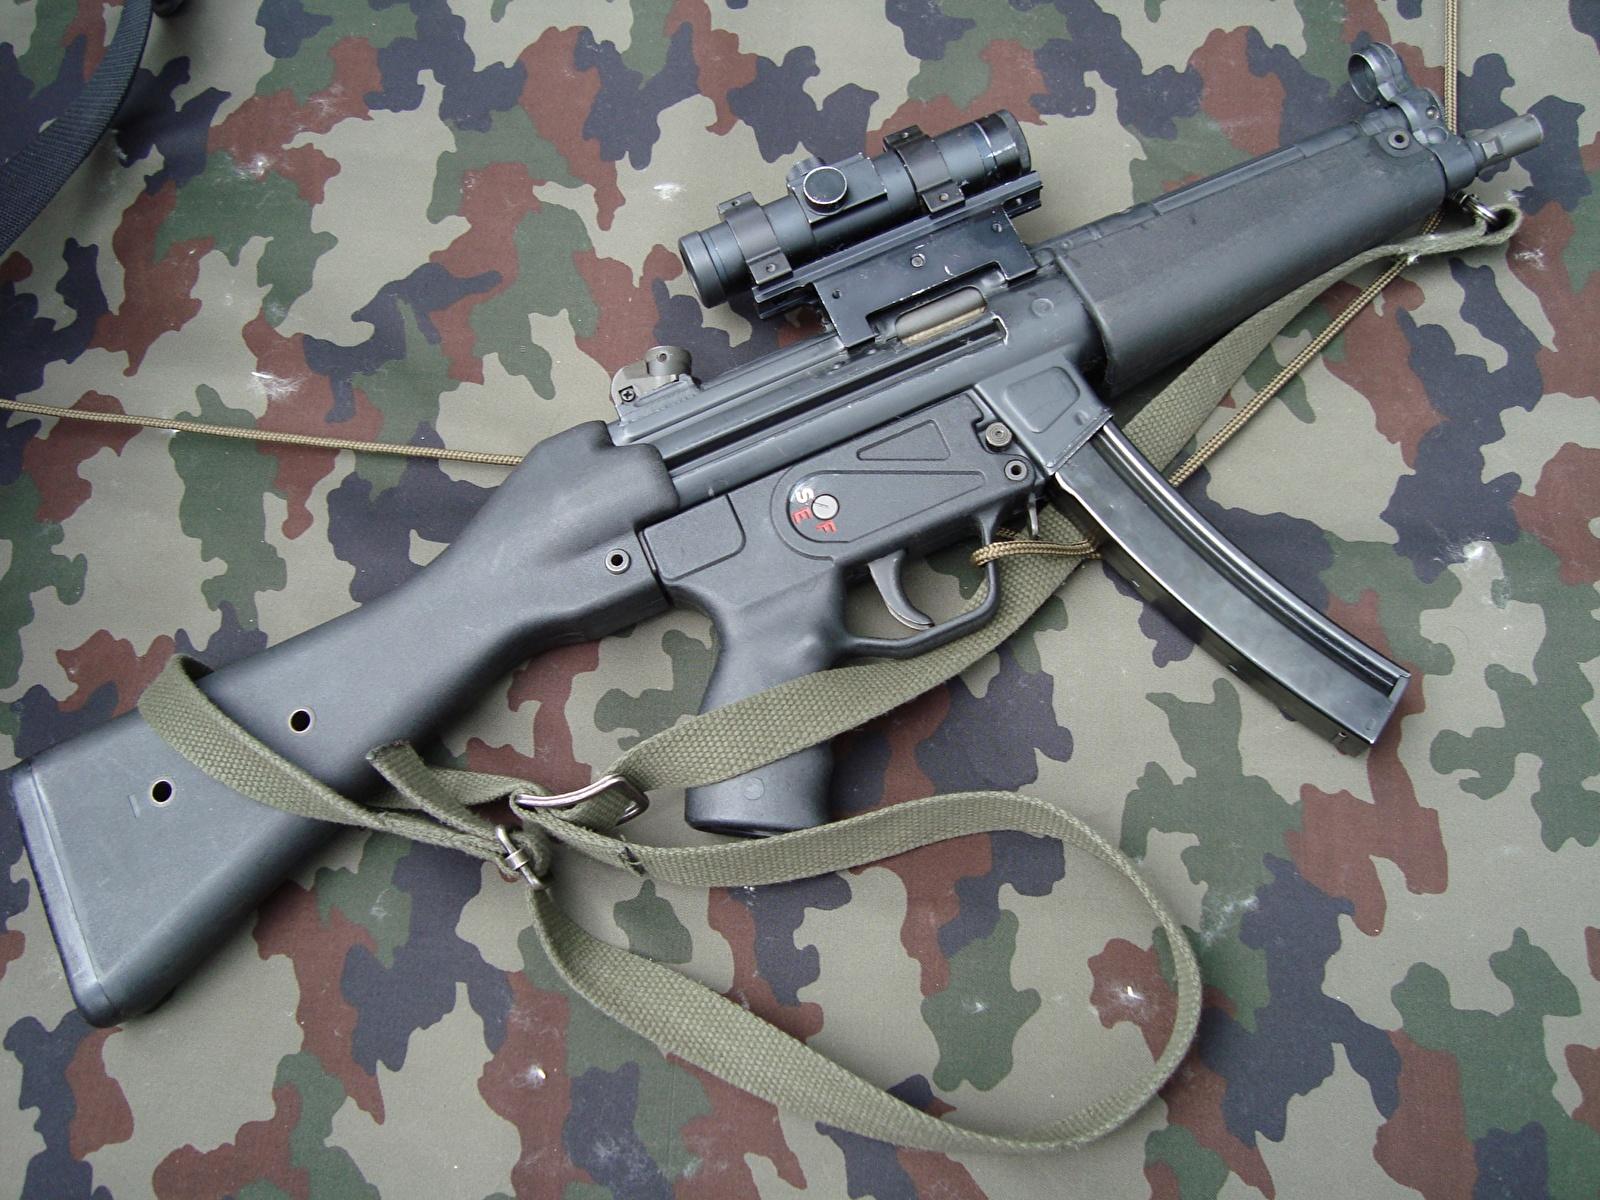 Картинка Автоматы Армия 1600x1200 автомат автоматом военные